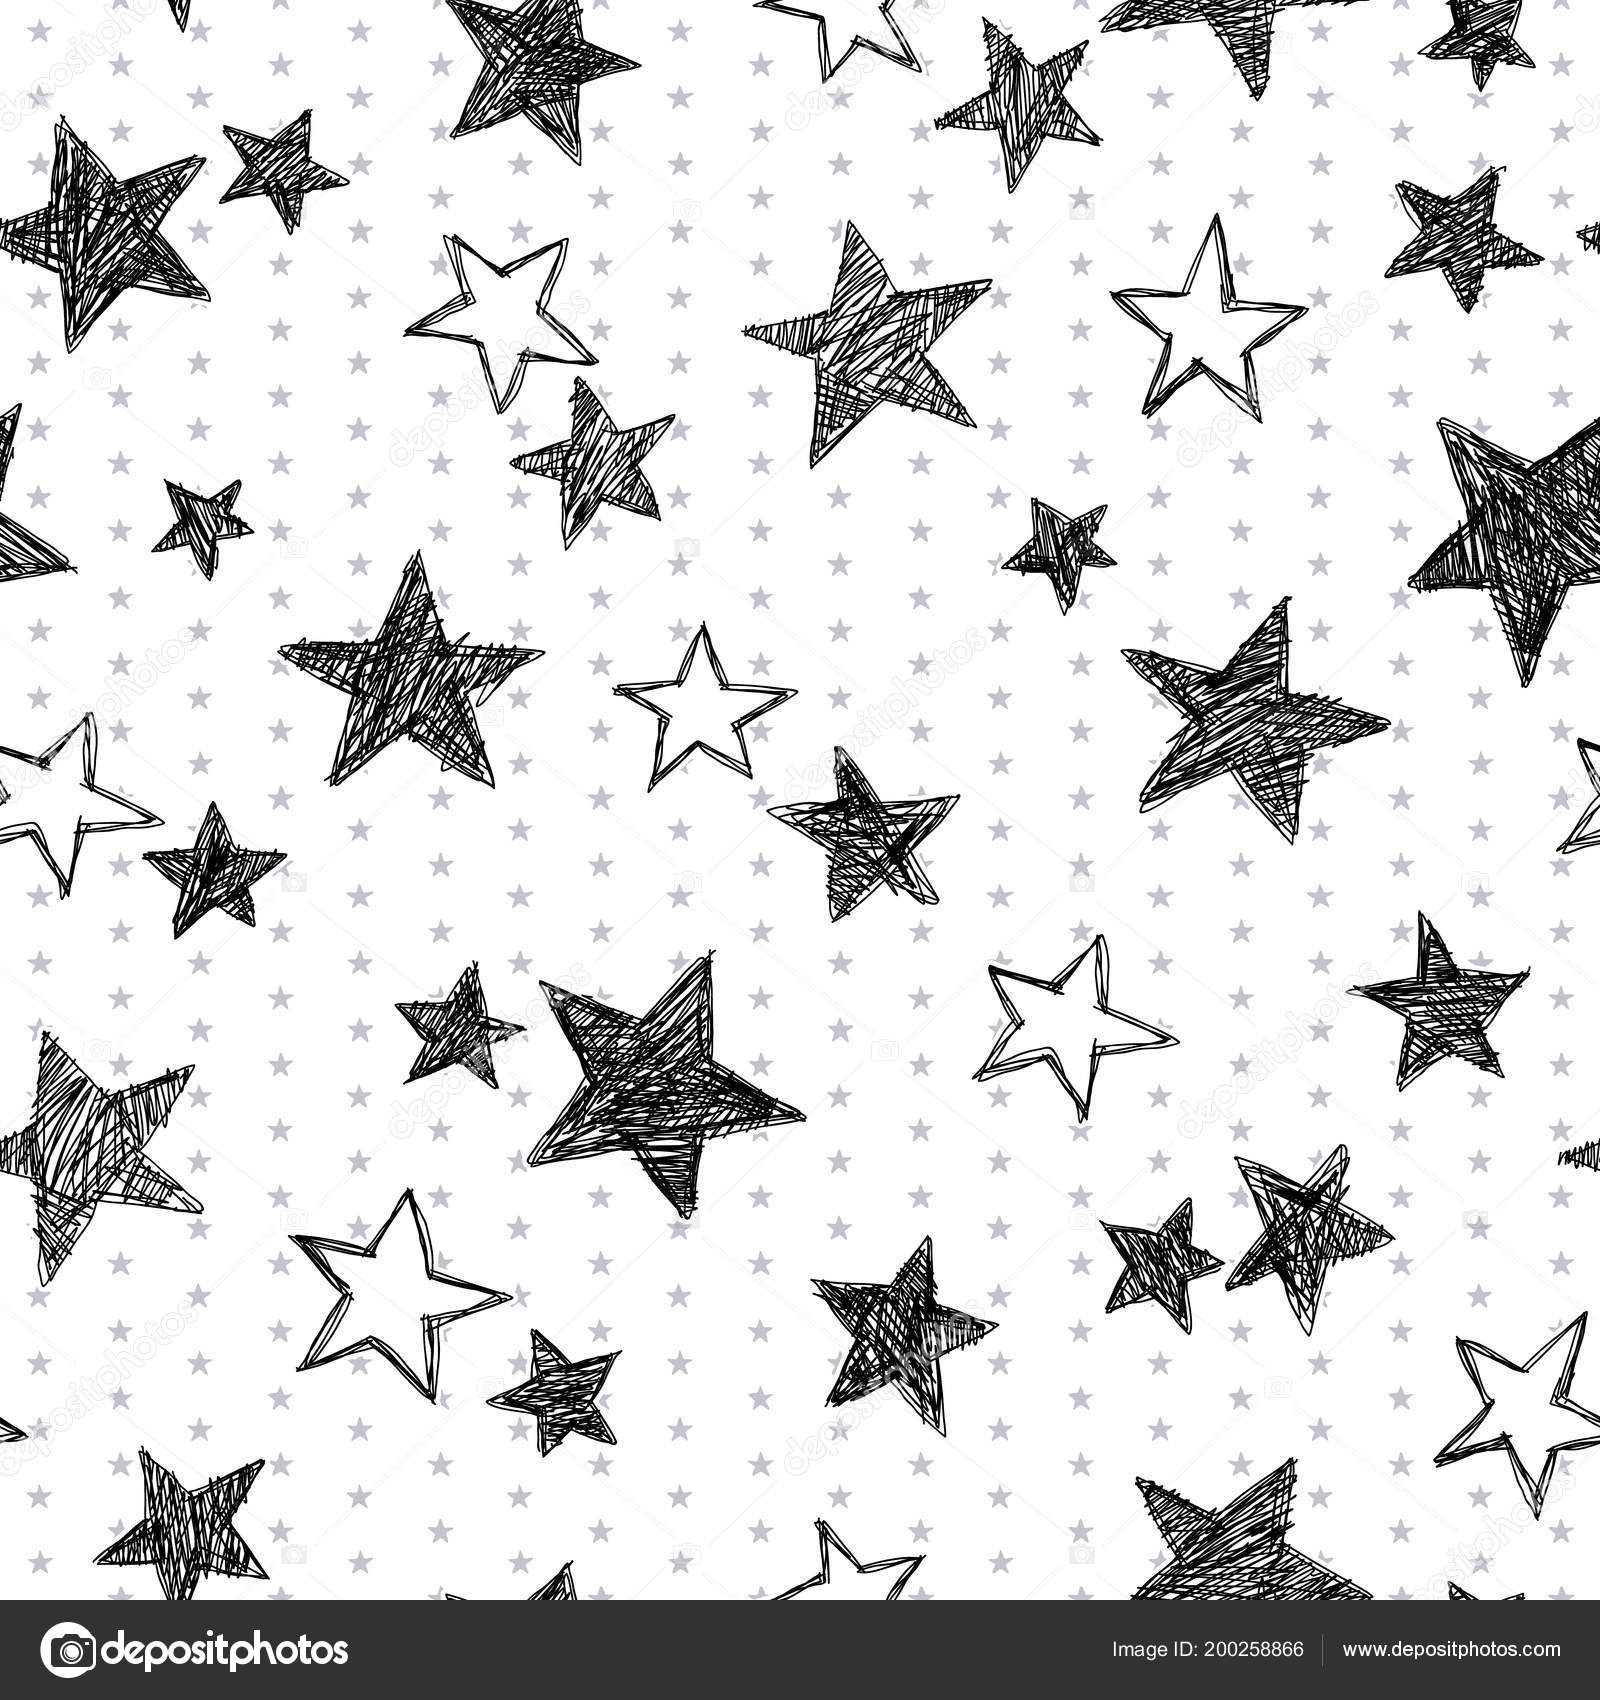 die stern muster die zusammengebrochen machte ich eine verzerrte sterne stockvektor - Stern Muster